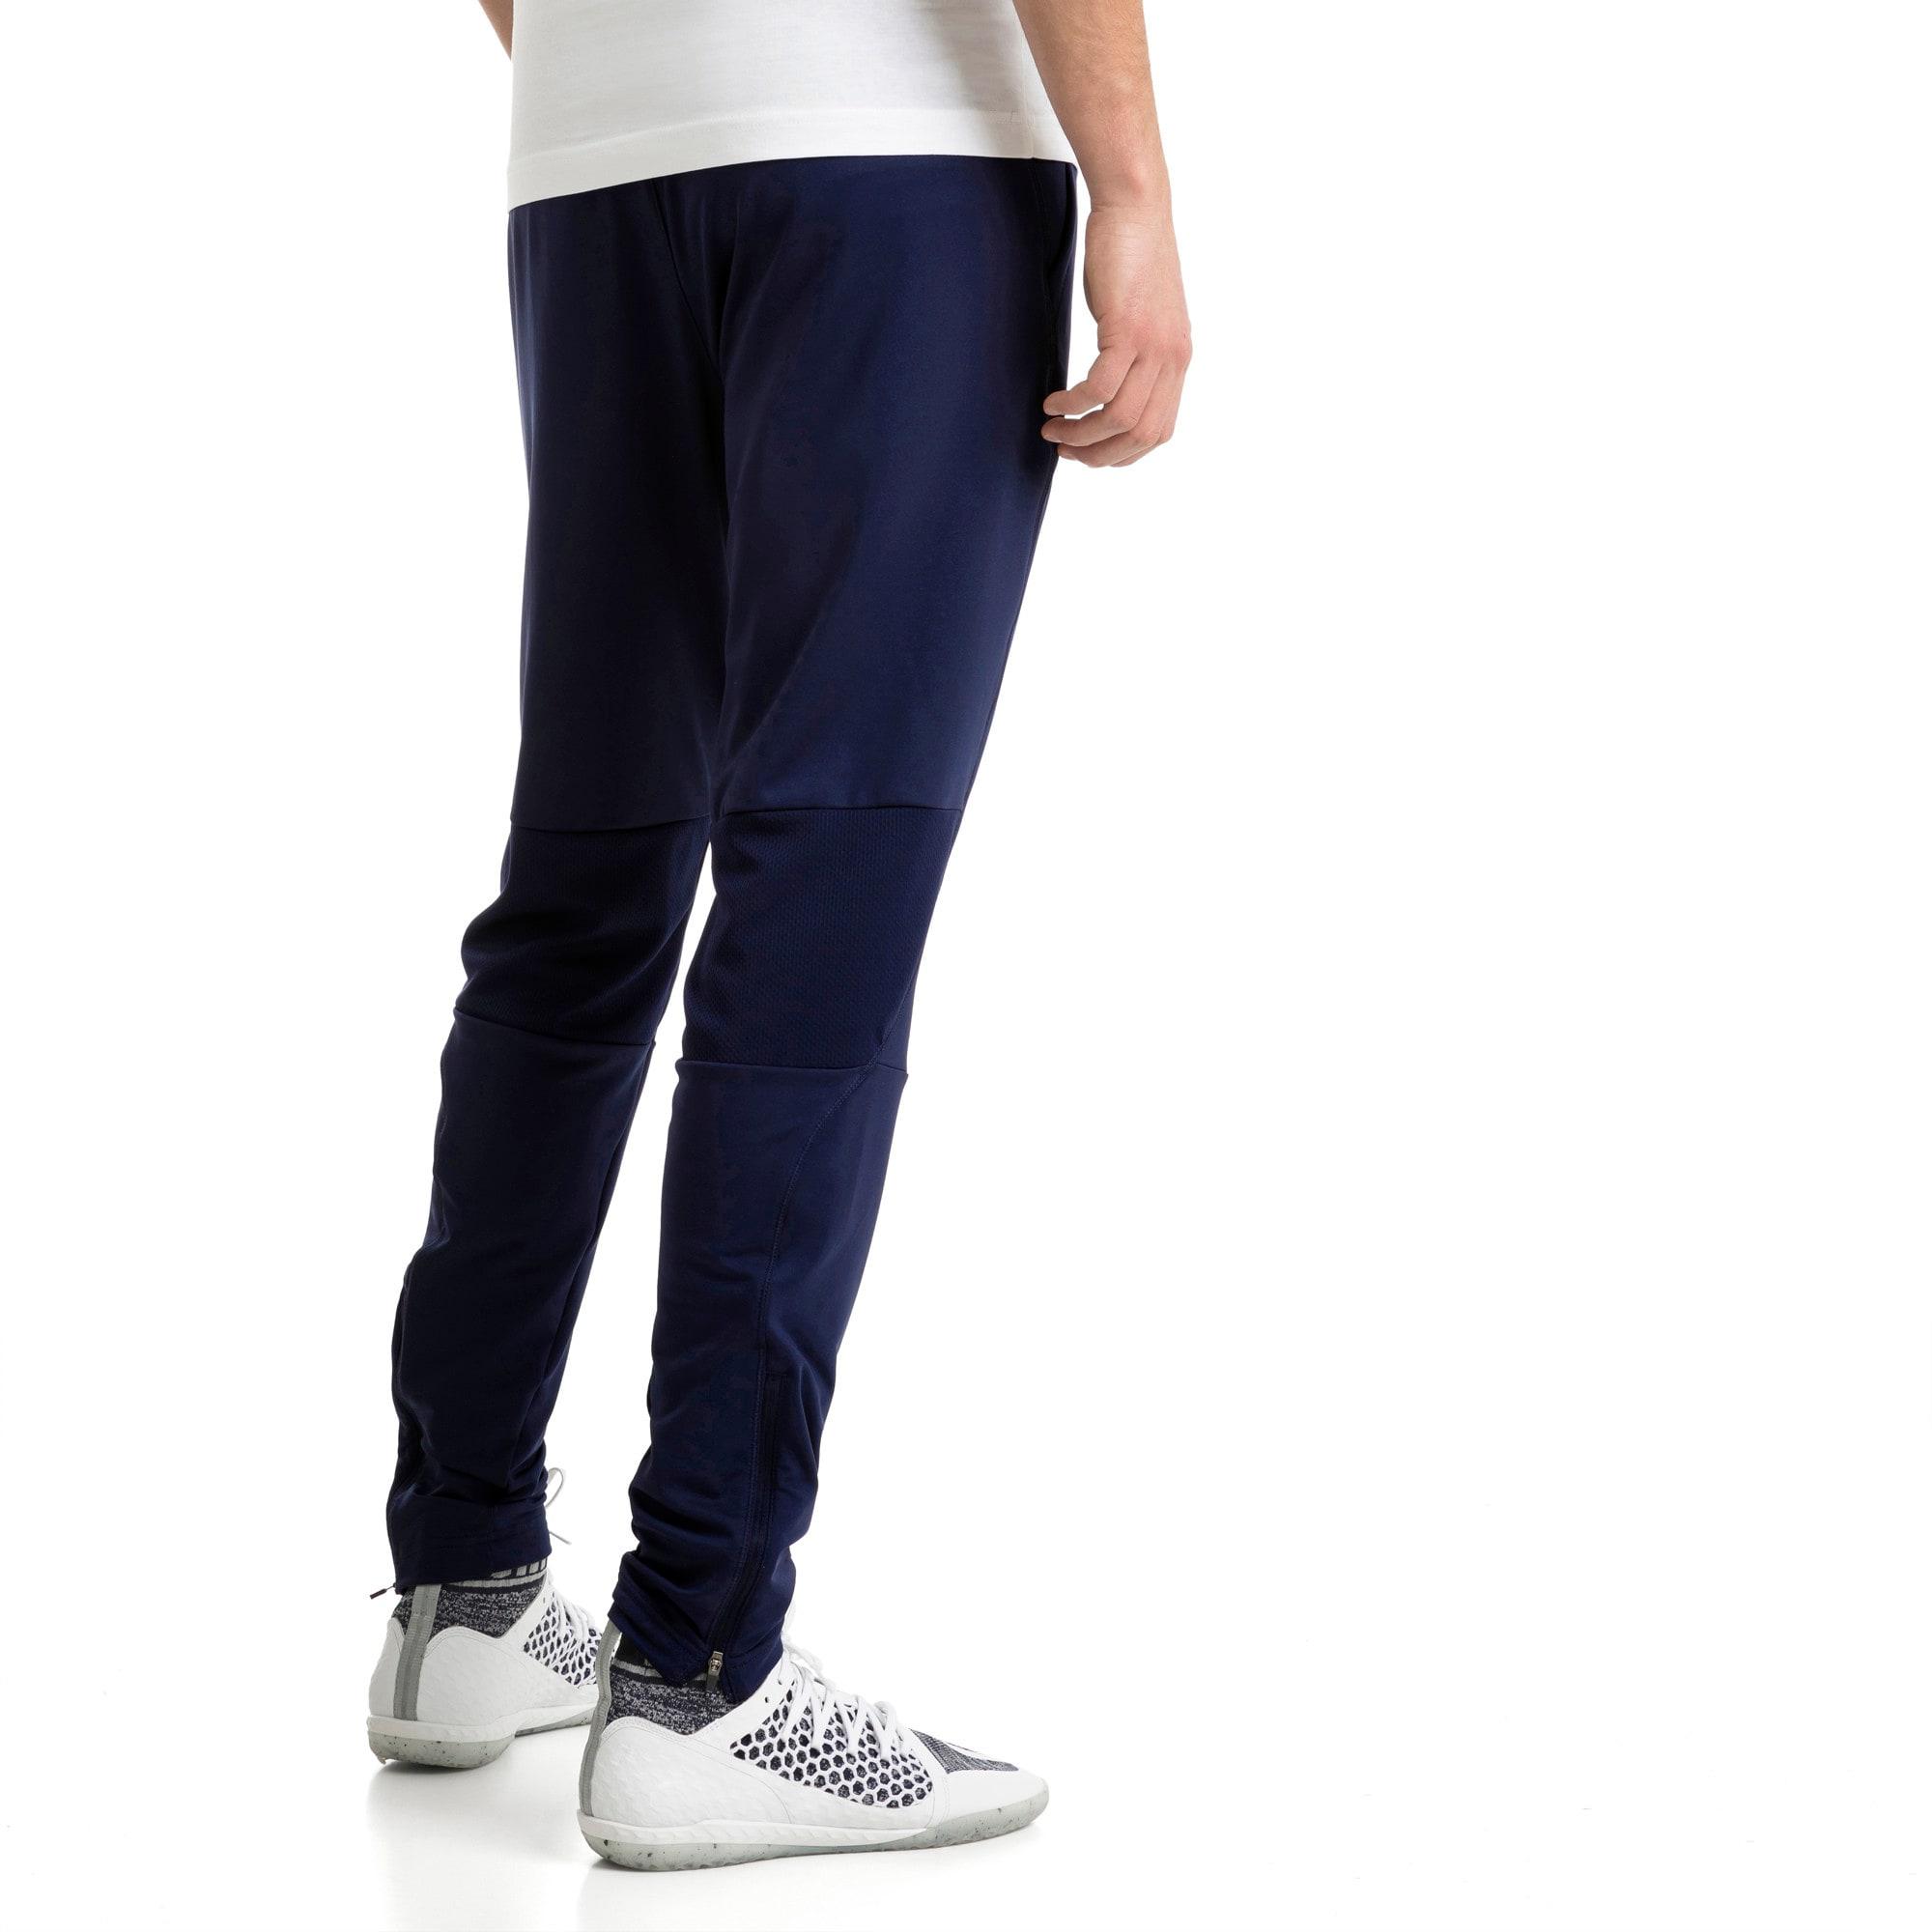 Thumbnail 3 of Italia Training Pants Zipped Pockets, Peacoat, medium